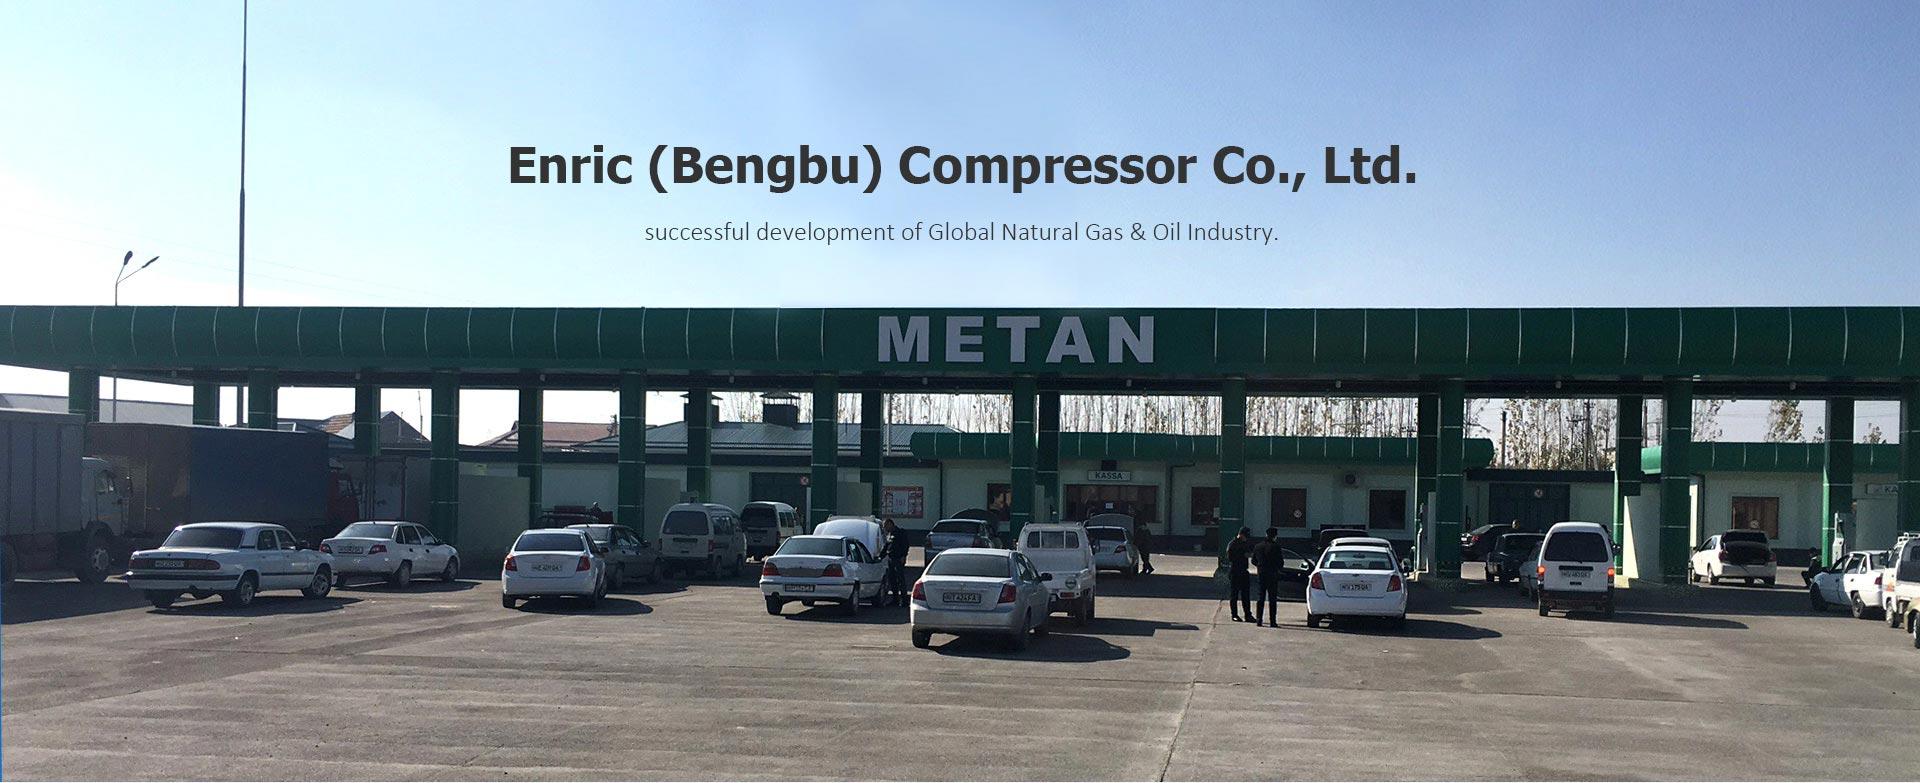 Enric (Bengbu) Compressor Co., Ltd.